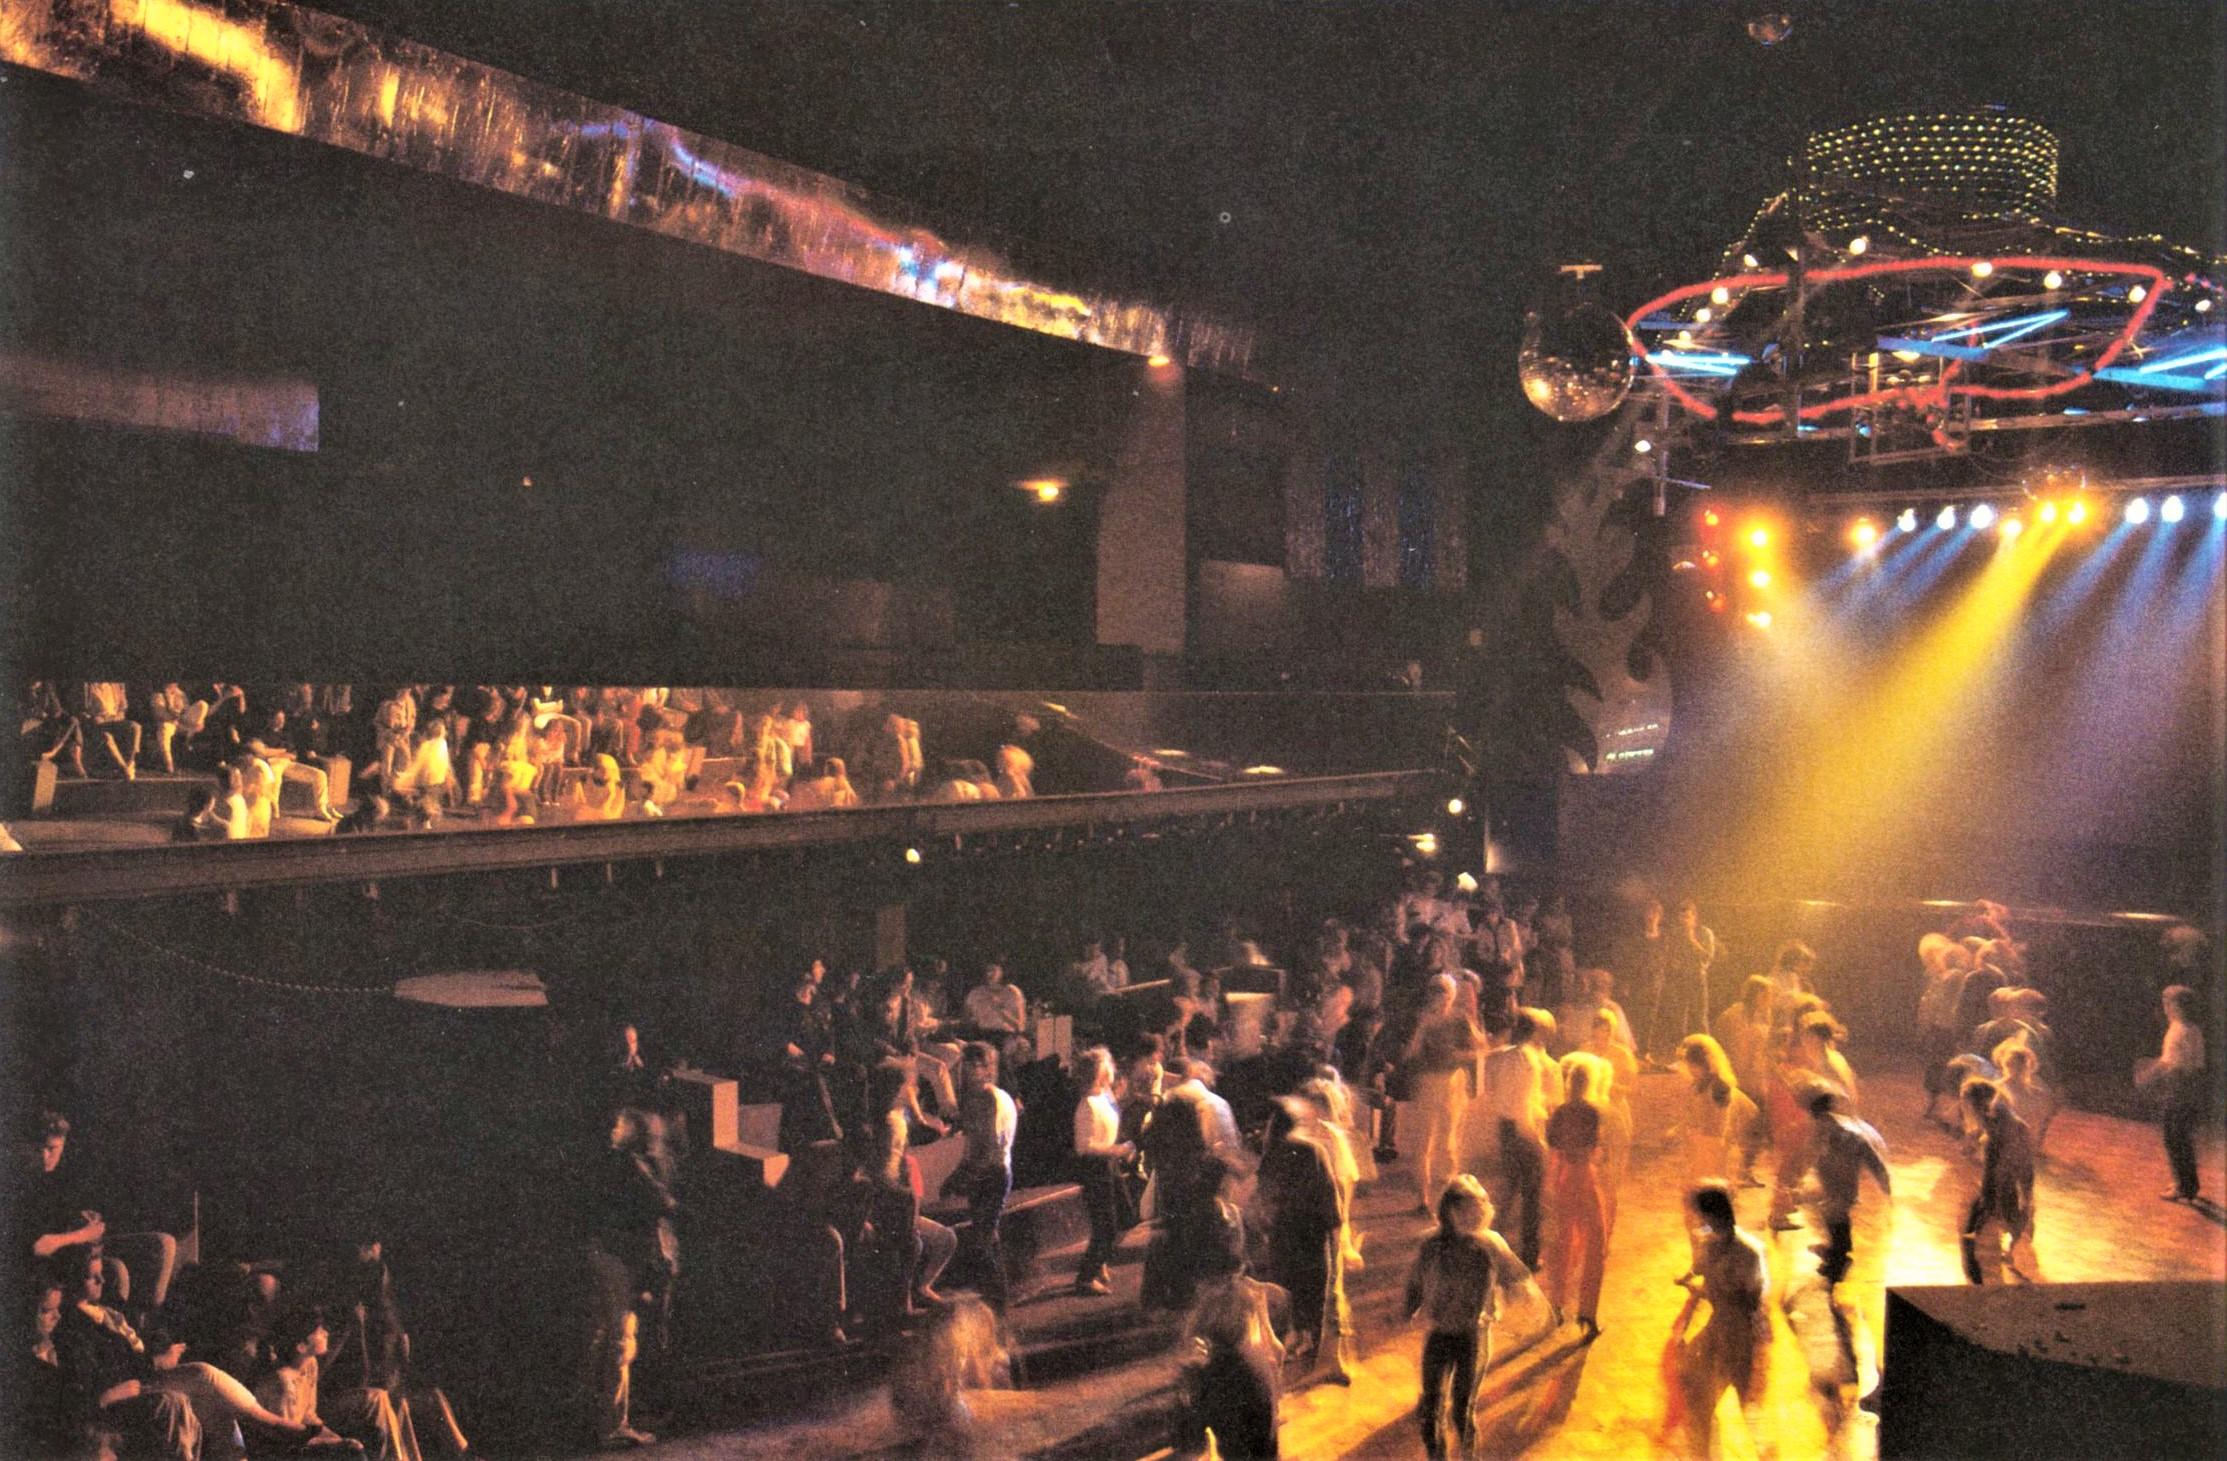 Ein Tanzpalast in der Tradition der 1920er-Jahre, übertragen auf die Zeit der Diskotheken. Foto: Archiv Bernd Feuerhelm